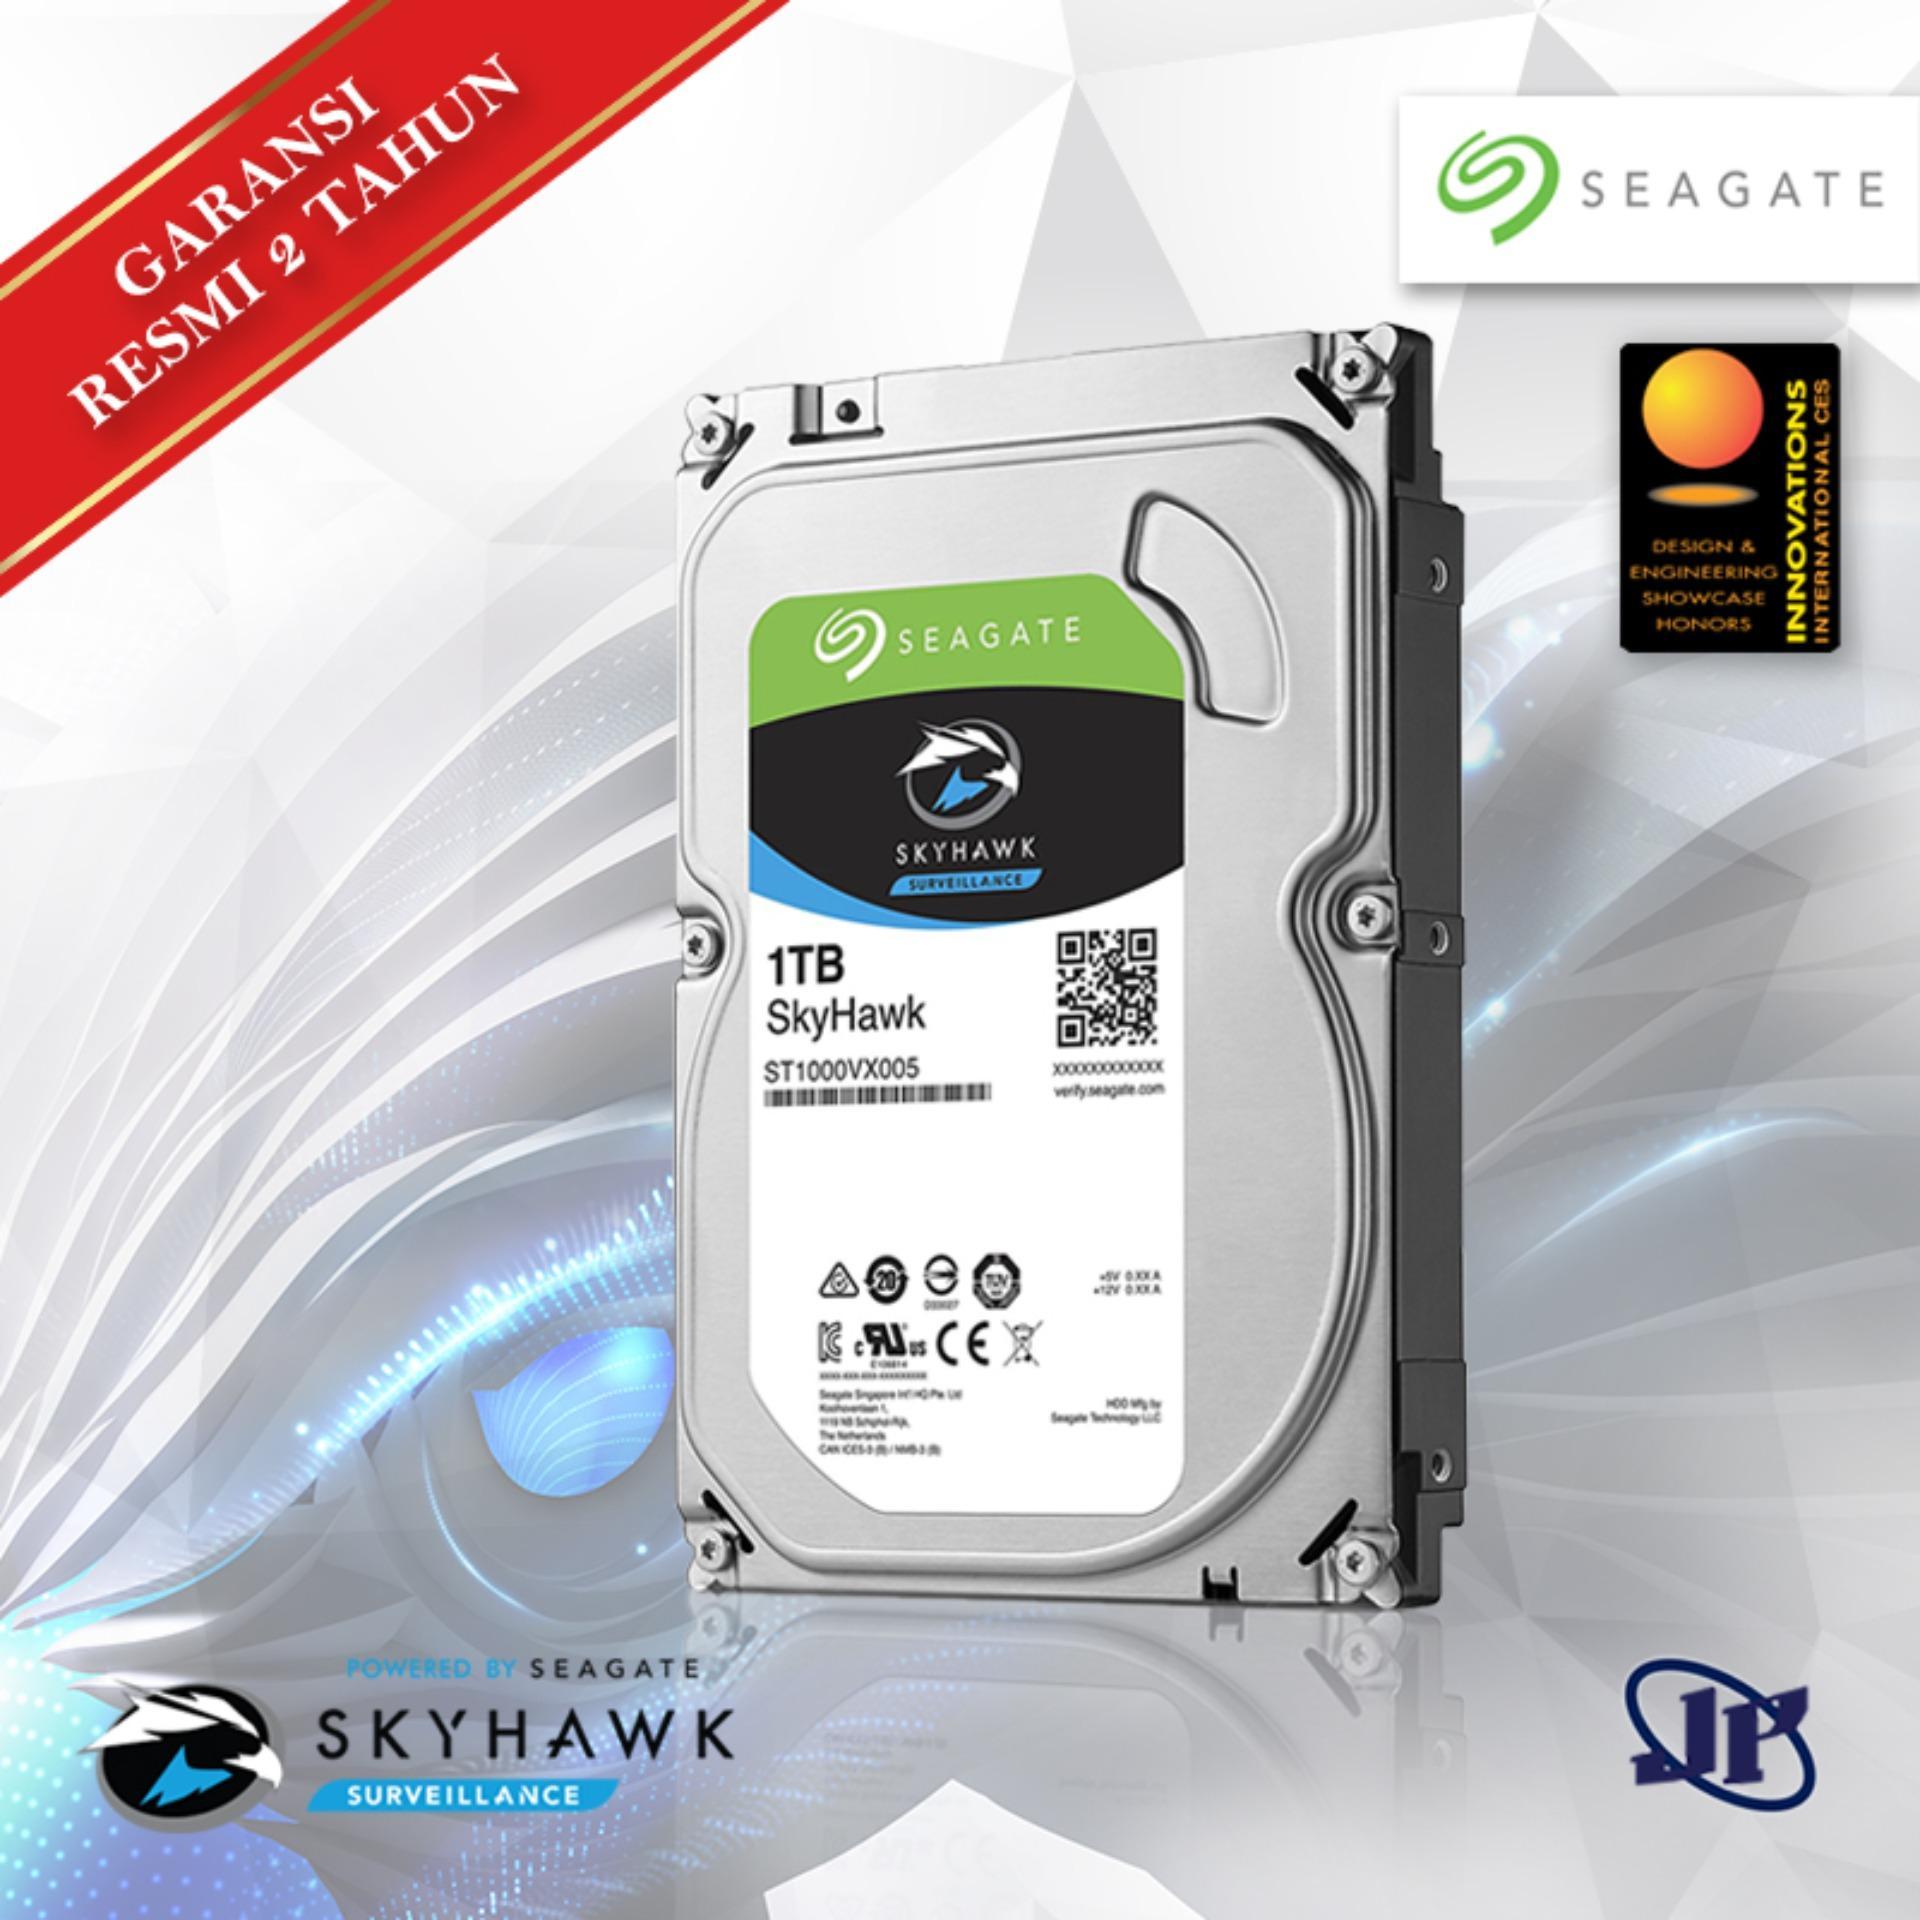 Seagate Skyhawk surveillance 1TB PC SATA3 5900 RPM 3.5